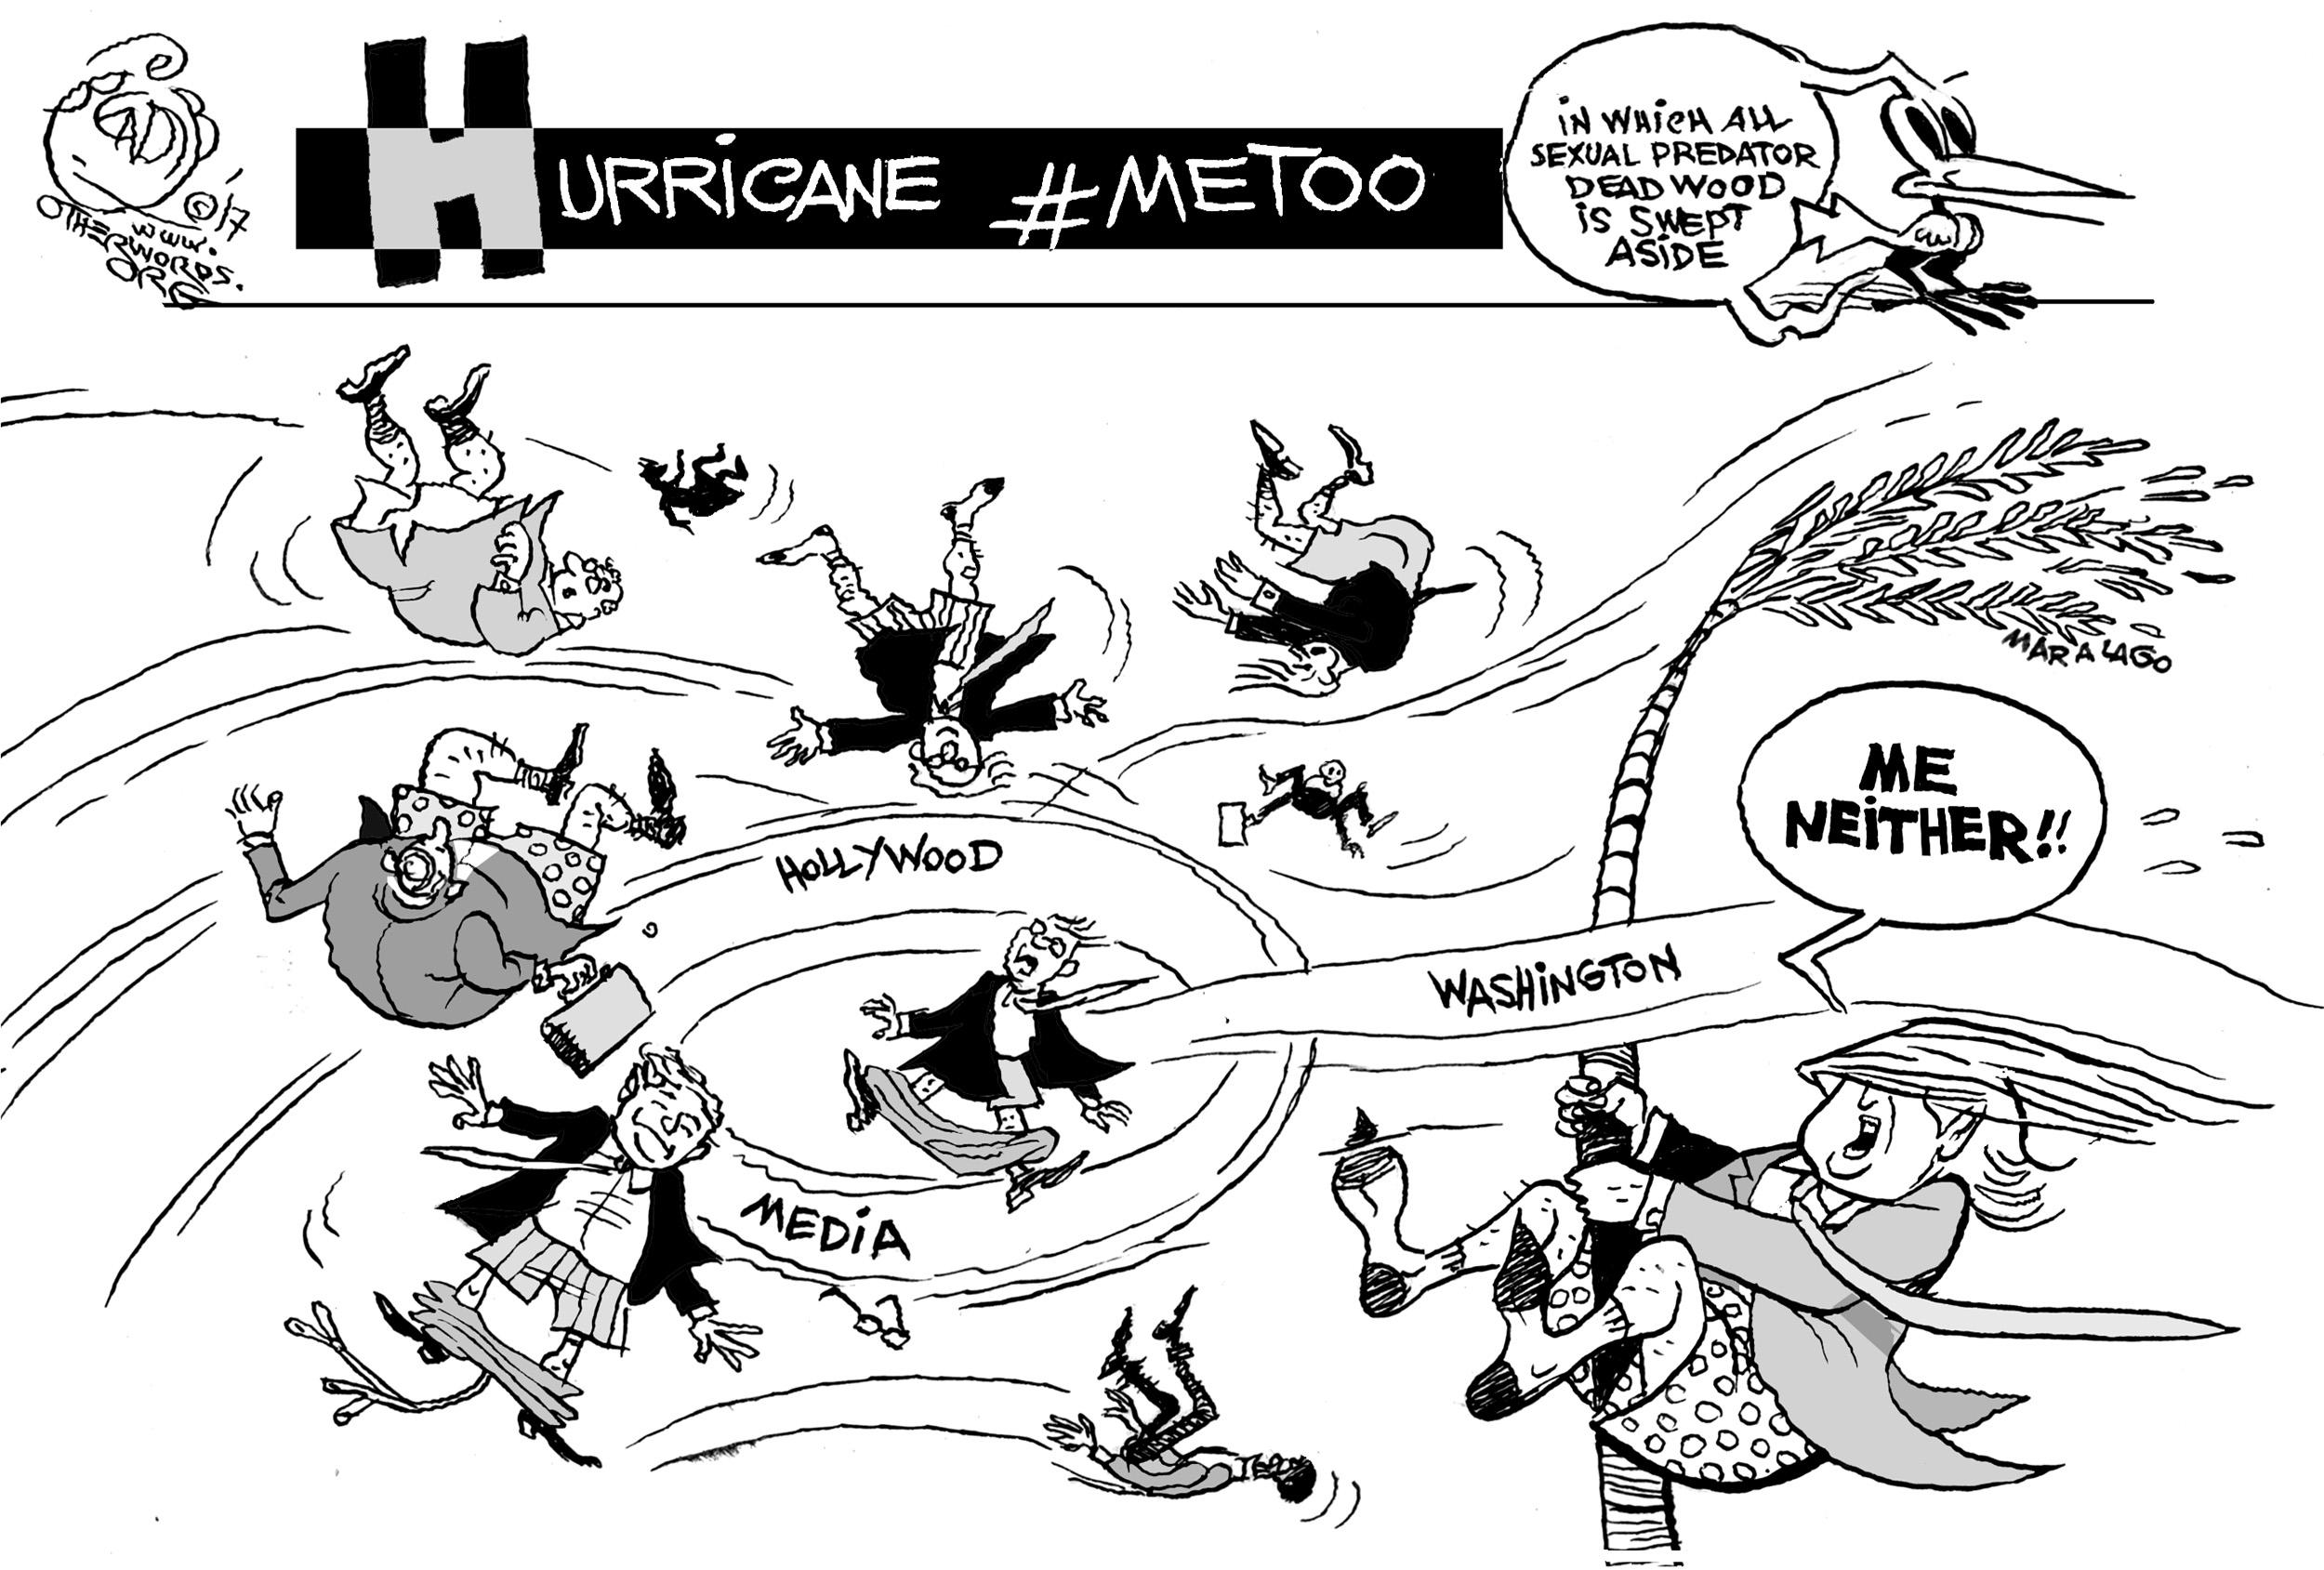 Hurricane Metoo